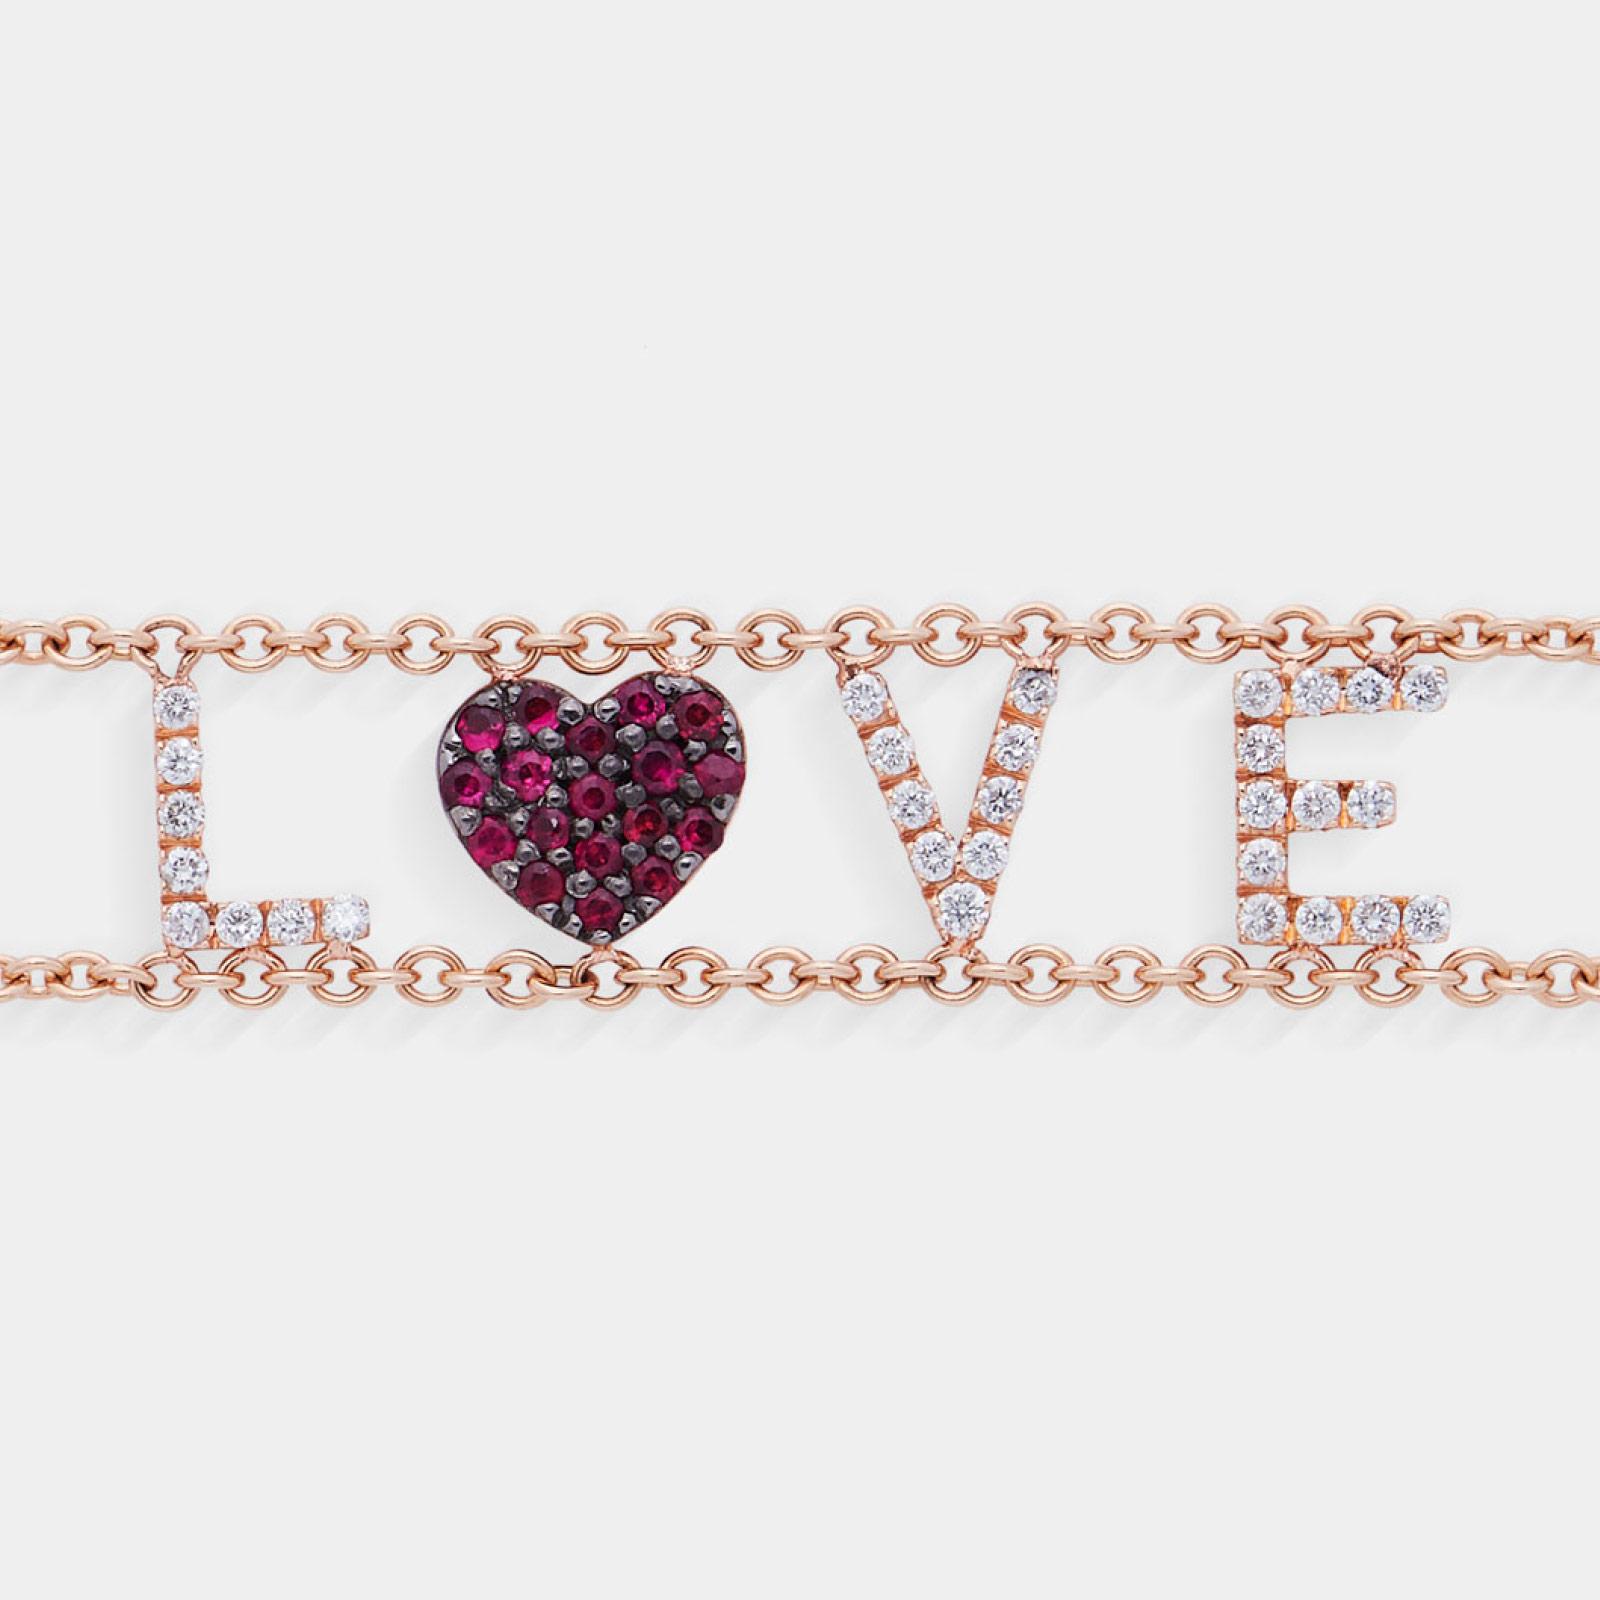 Bracciale morbido con doppia catena personalizzato in oro rosa diamanti e rubini